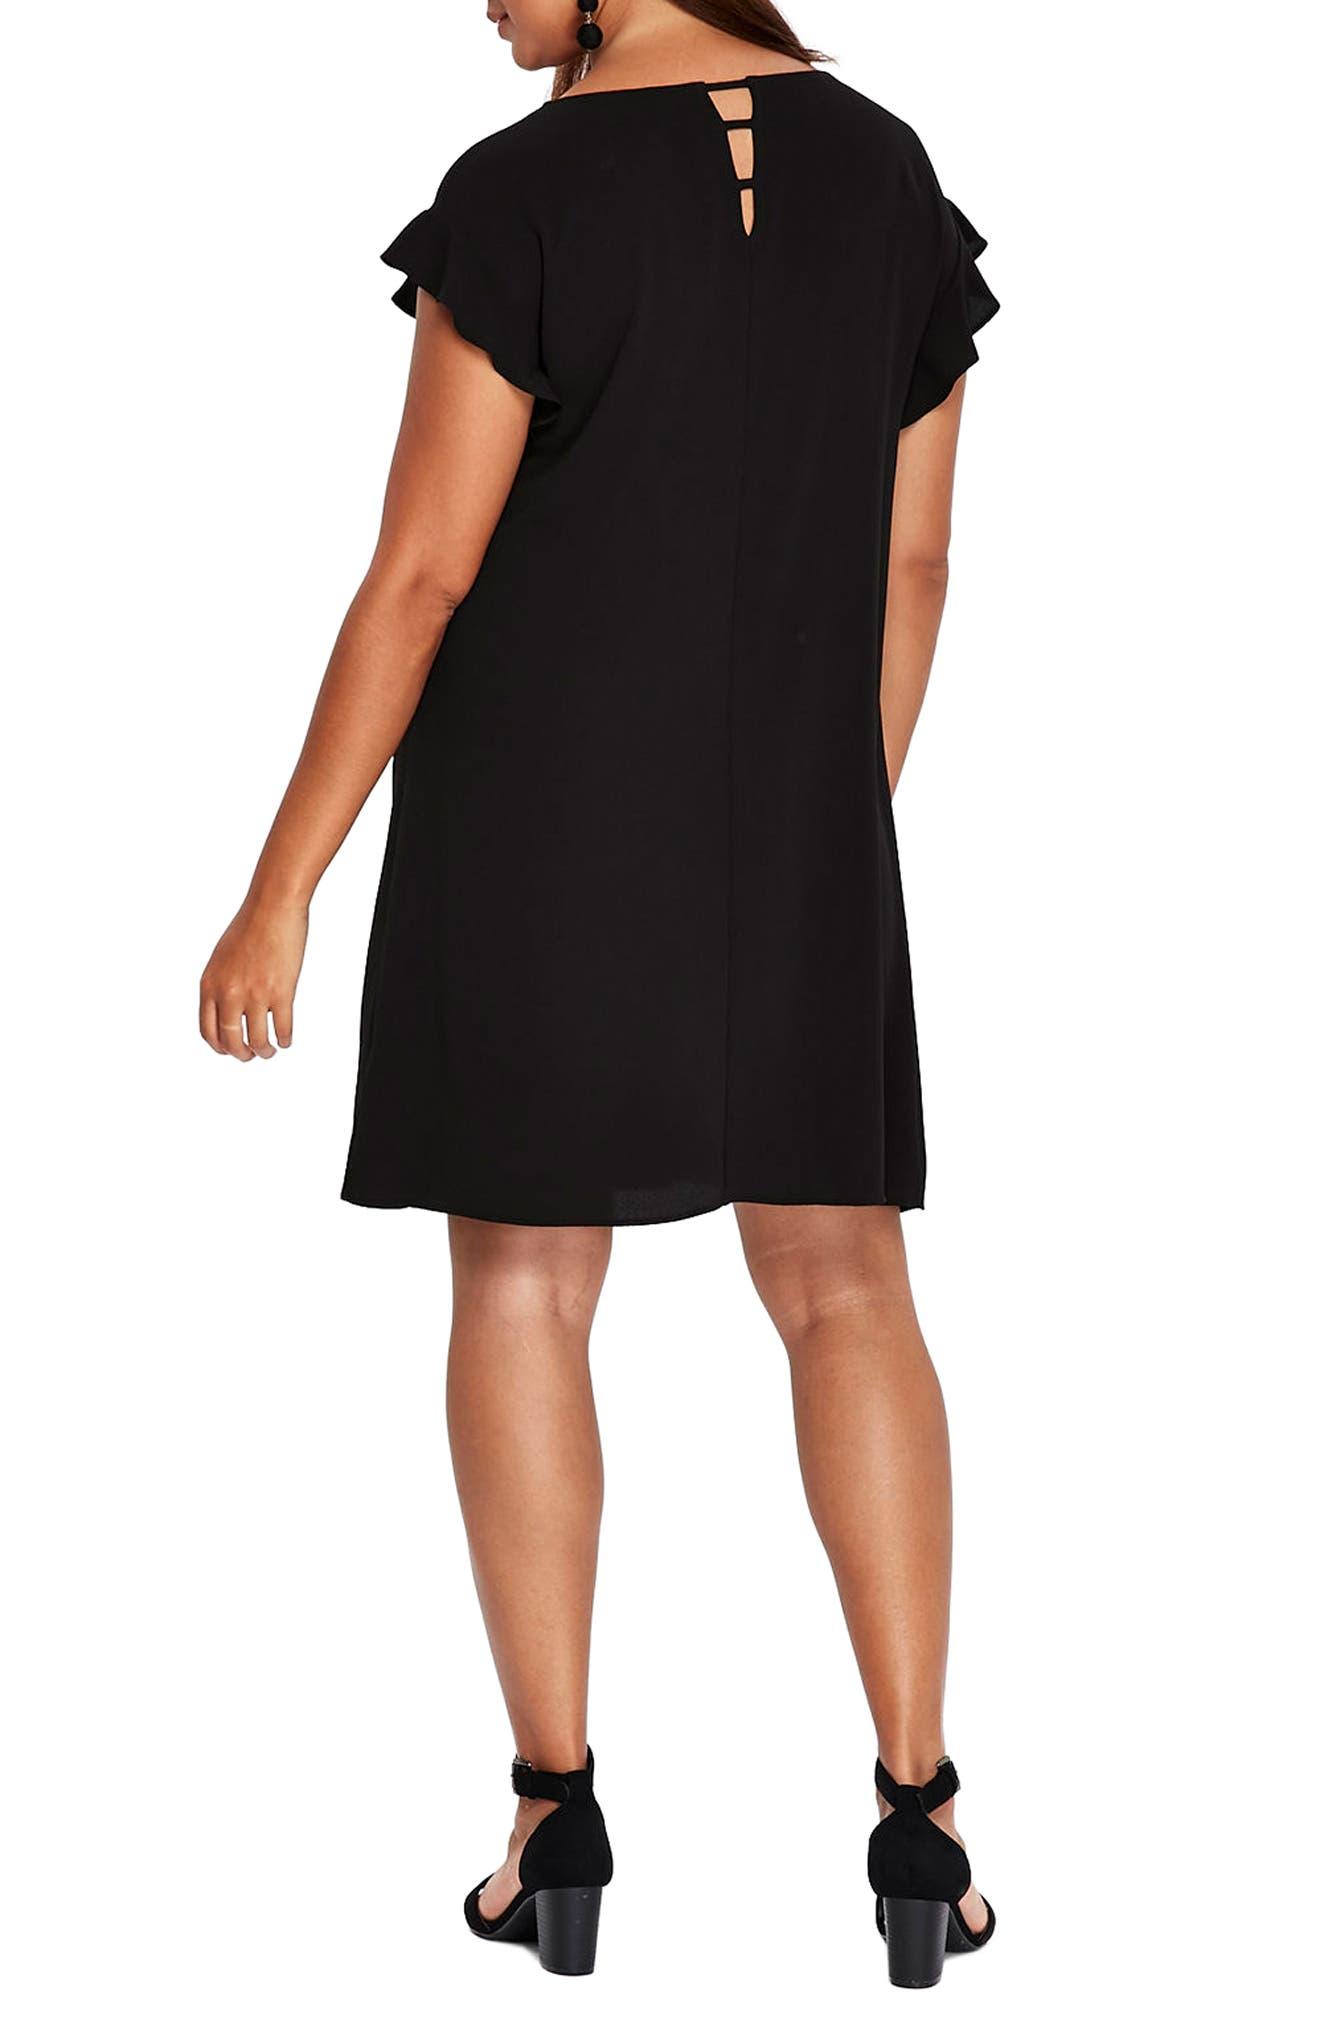 Alternate Image 2  - Evans Ruffle Sleeve Shift Dress (Plus Size)